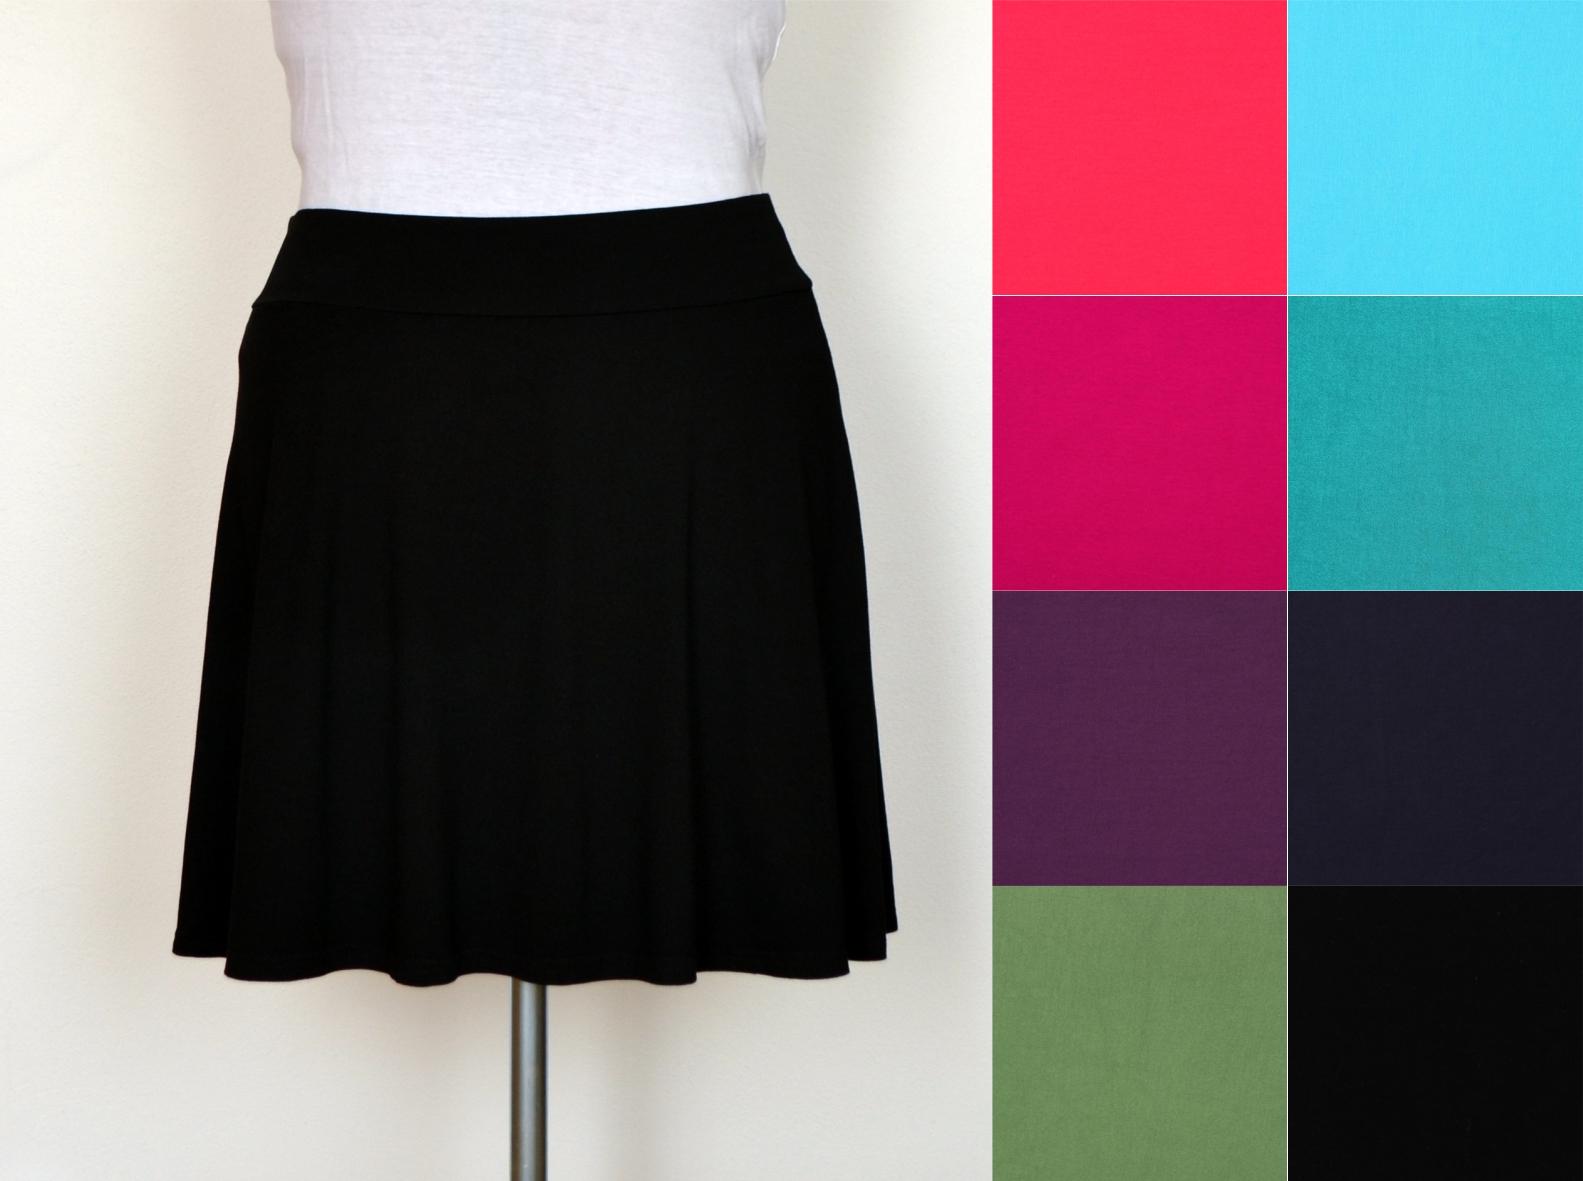 44868665c18 jednobarevná sukně (úplet) - mnoho barev (sukně úplet)   Zboží prodejce  JaruŠenka